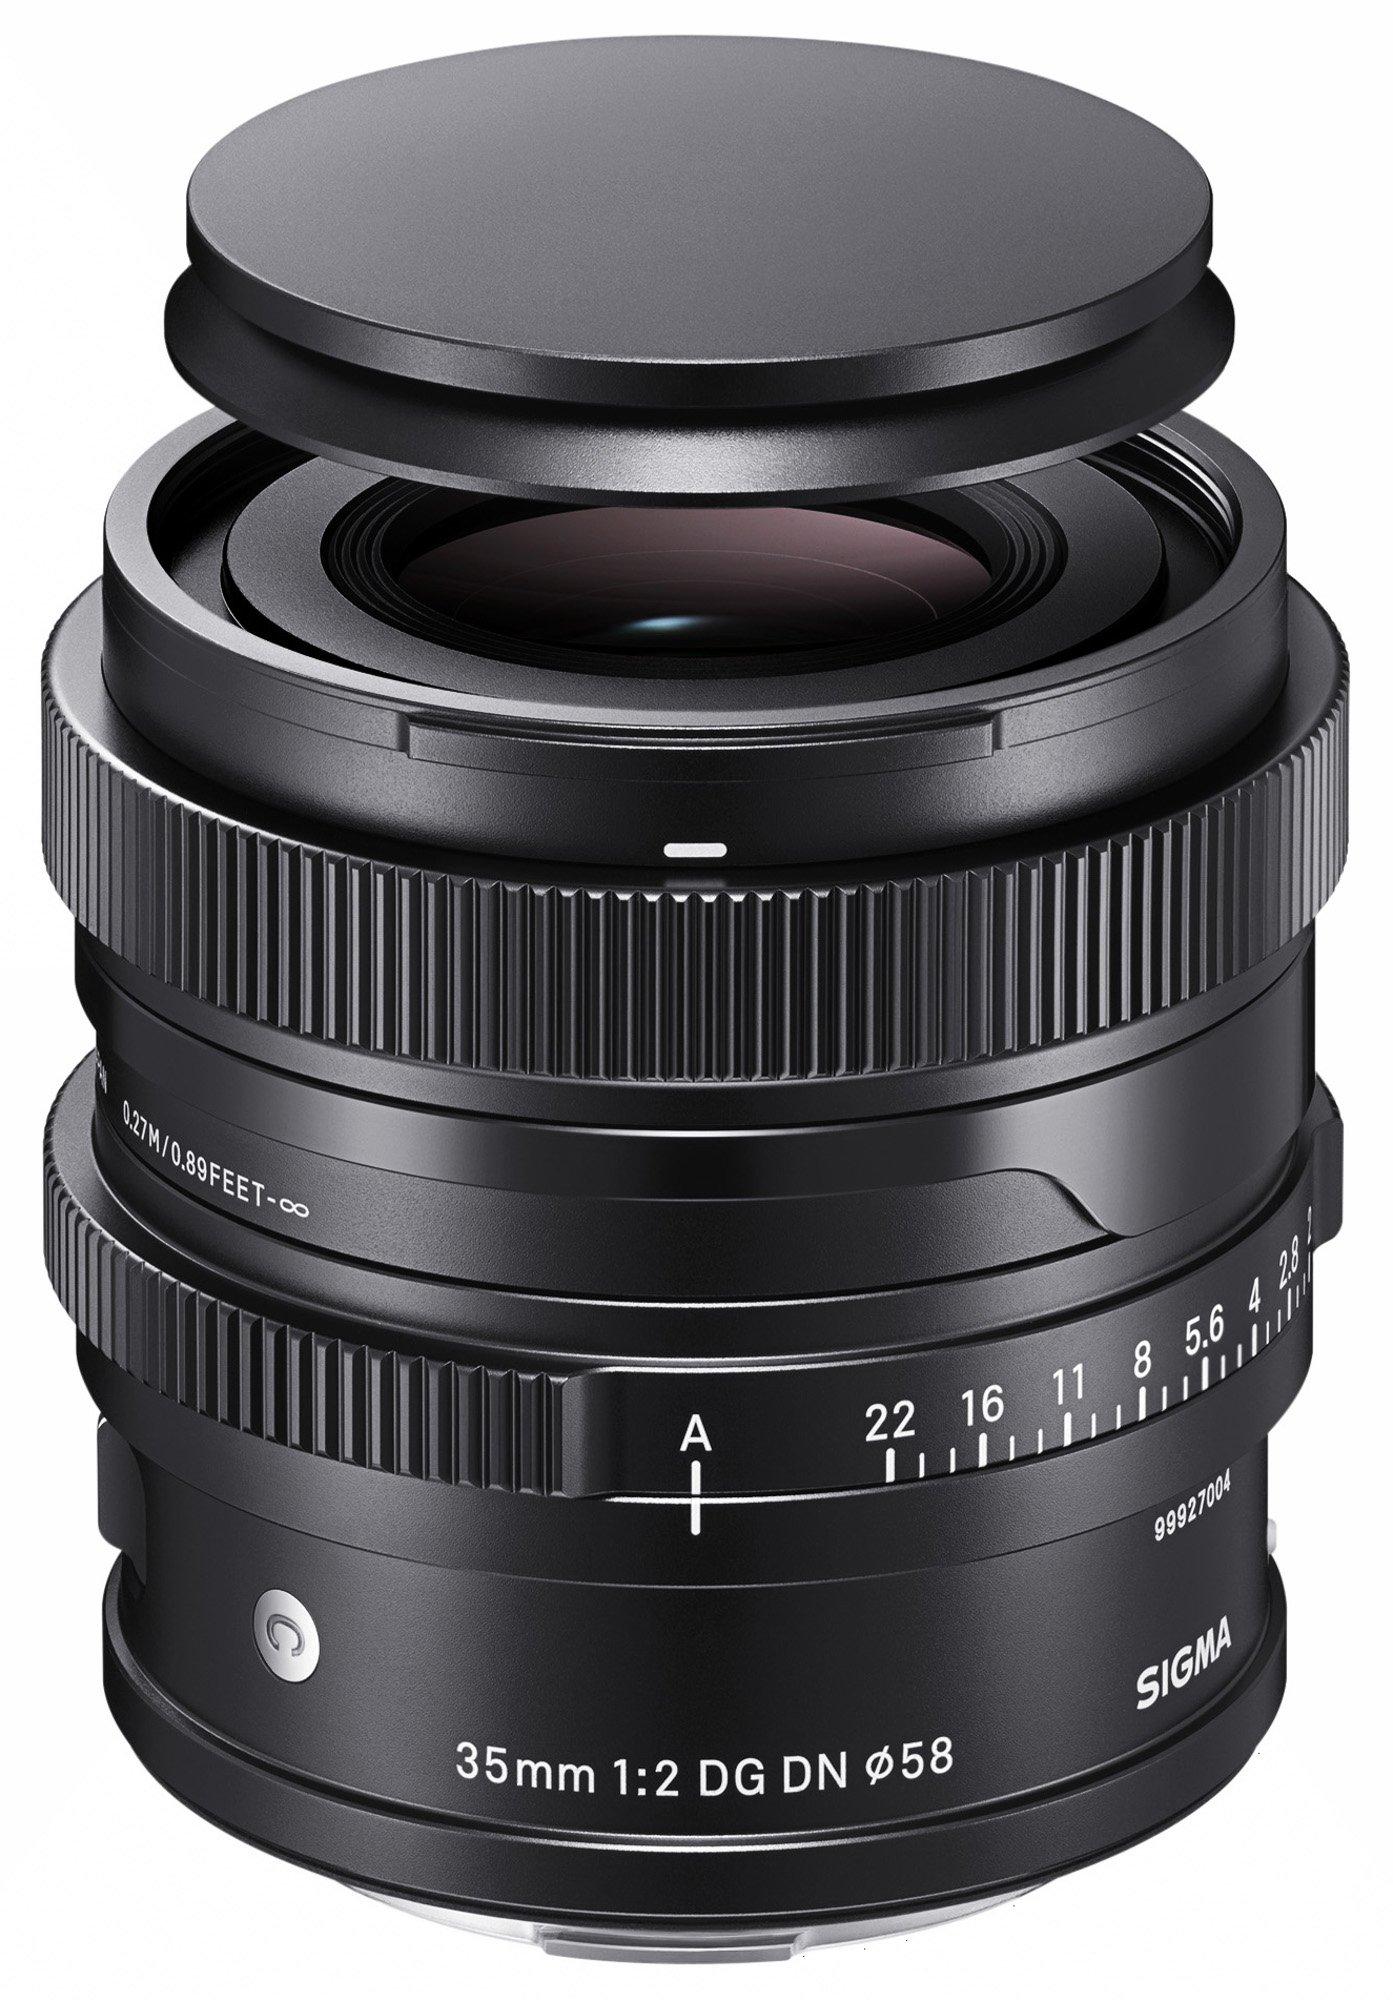 Sigma35mm f/2.0 DG DN Contemporary